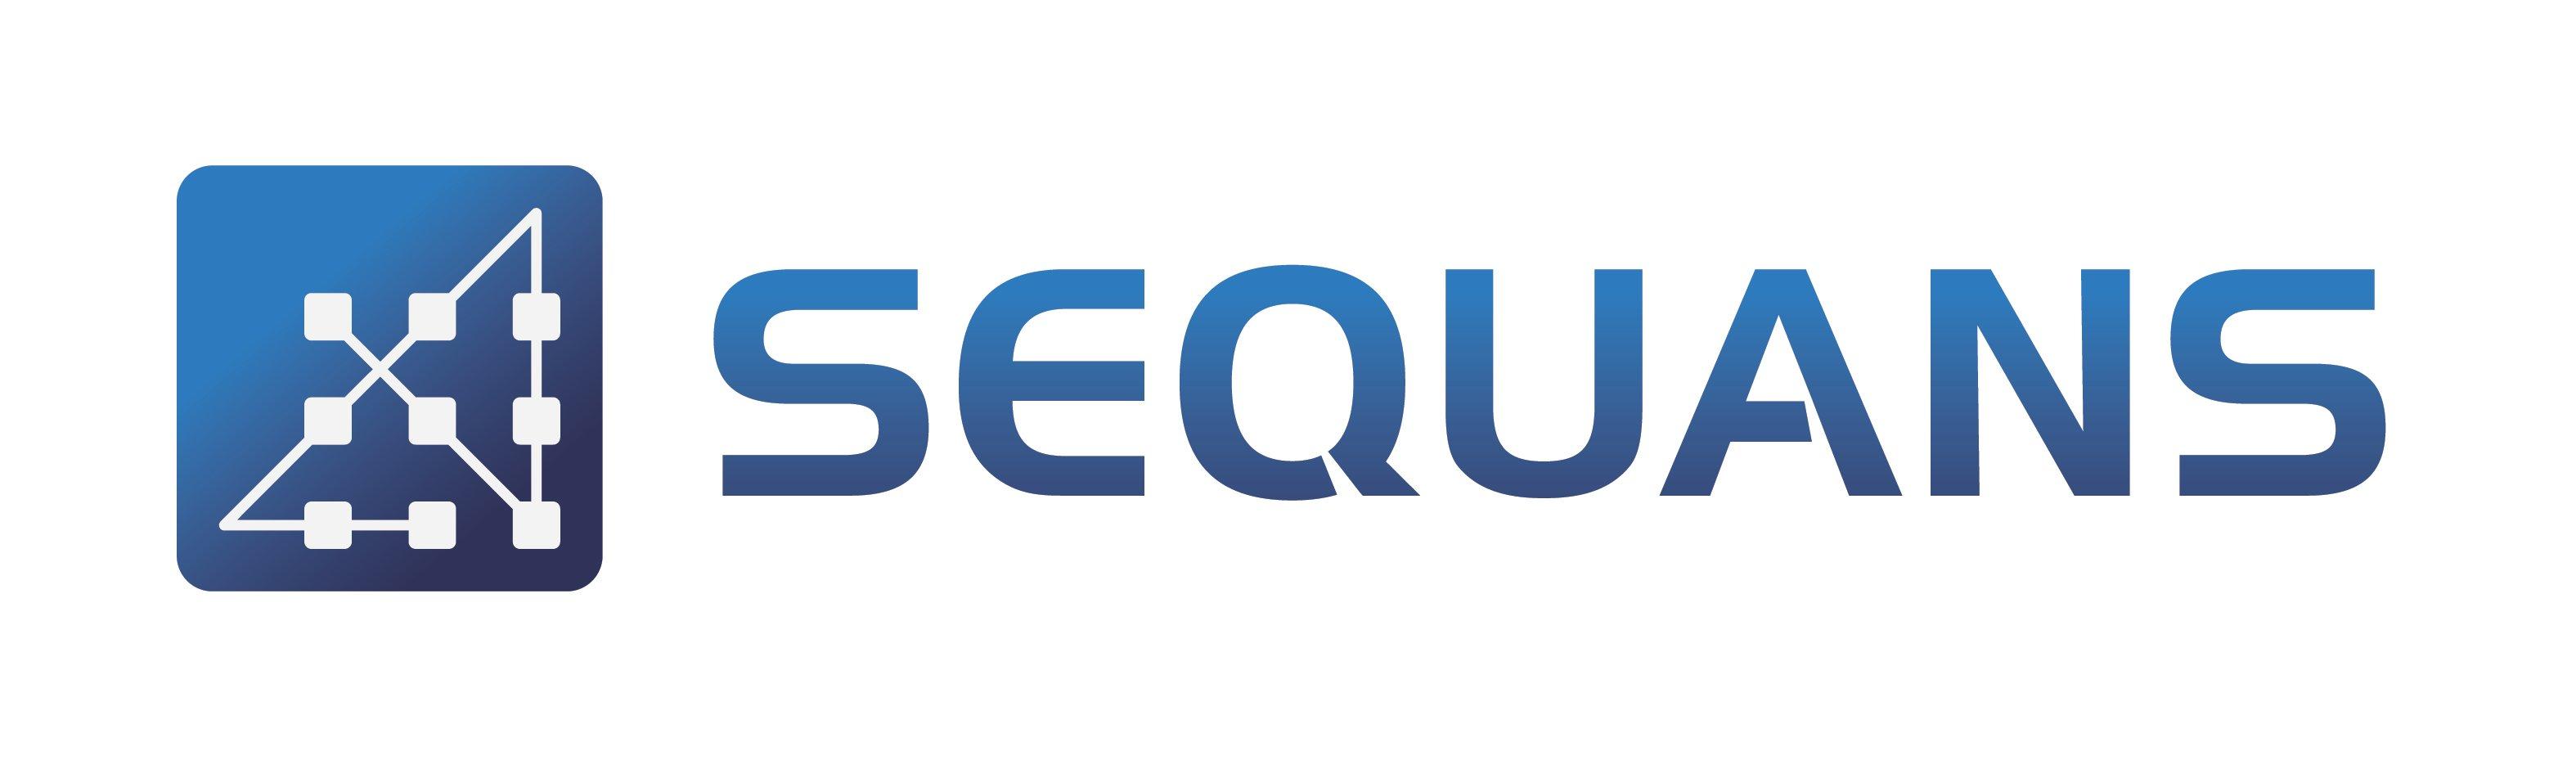 Sequans Logo Update